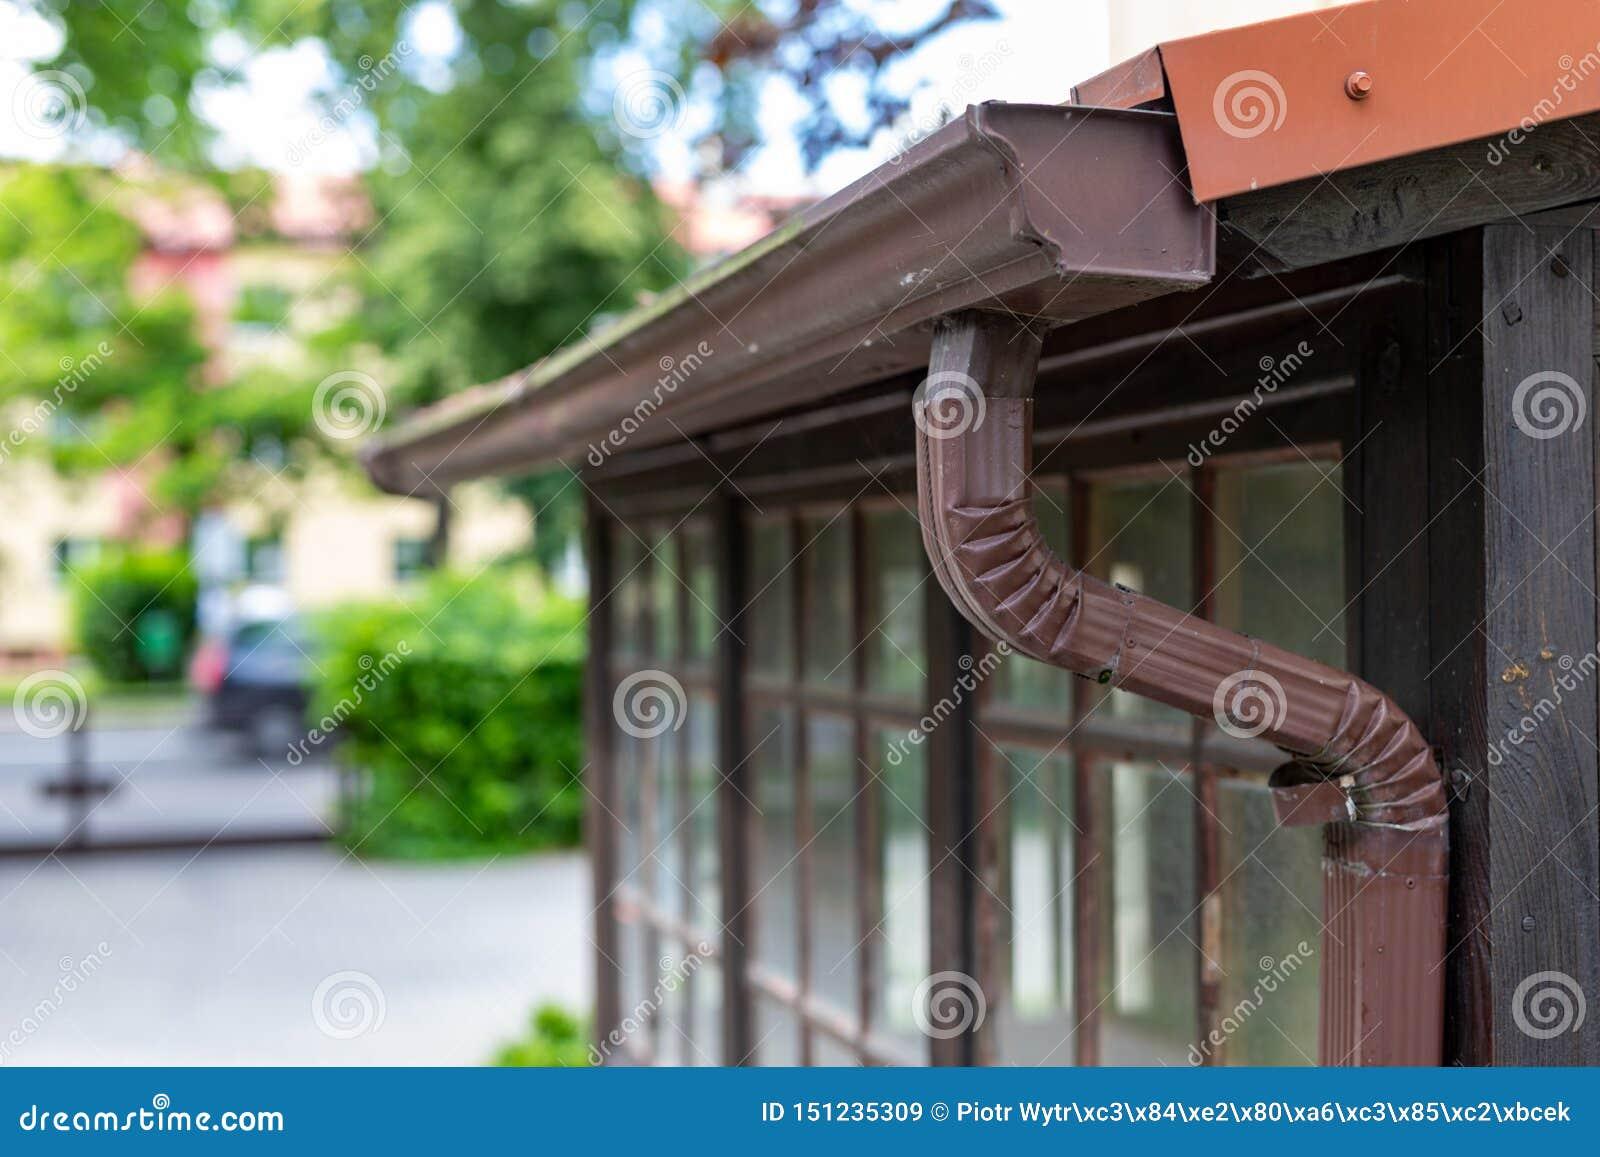 Stara rynna w oddzielnym domu Deszczówka drenaż od dachu